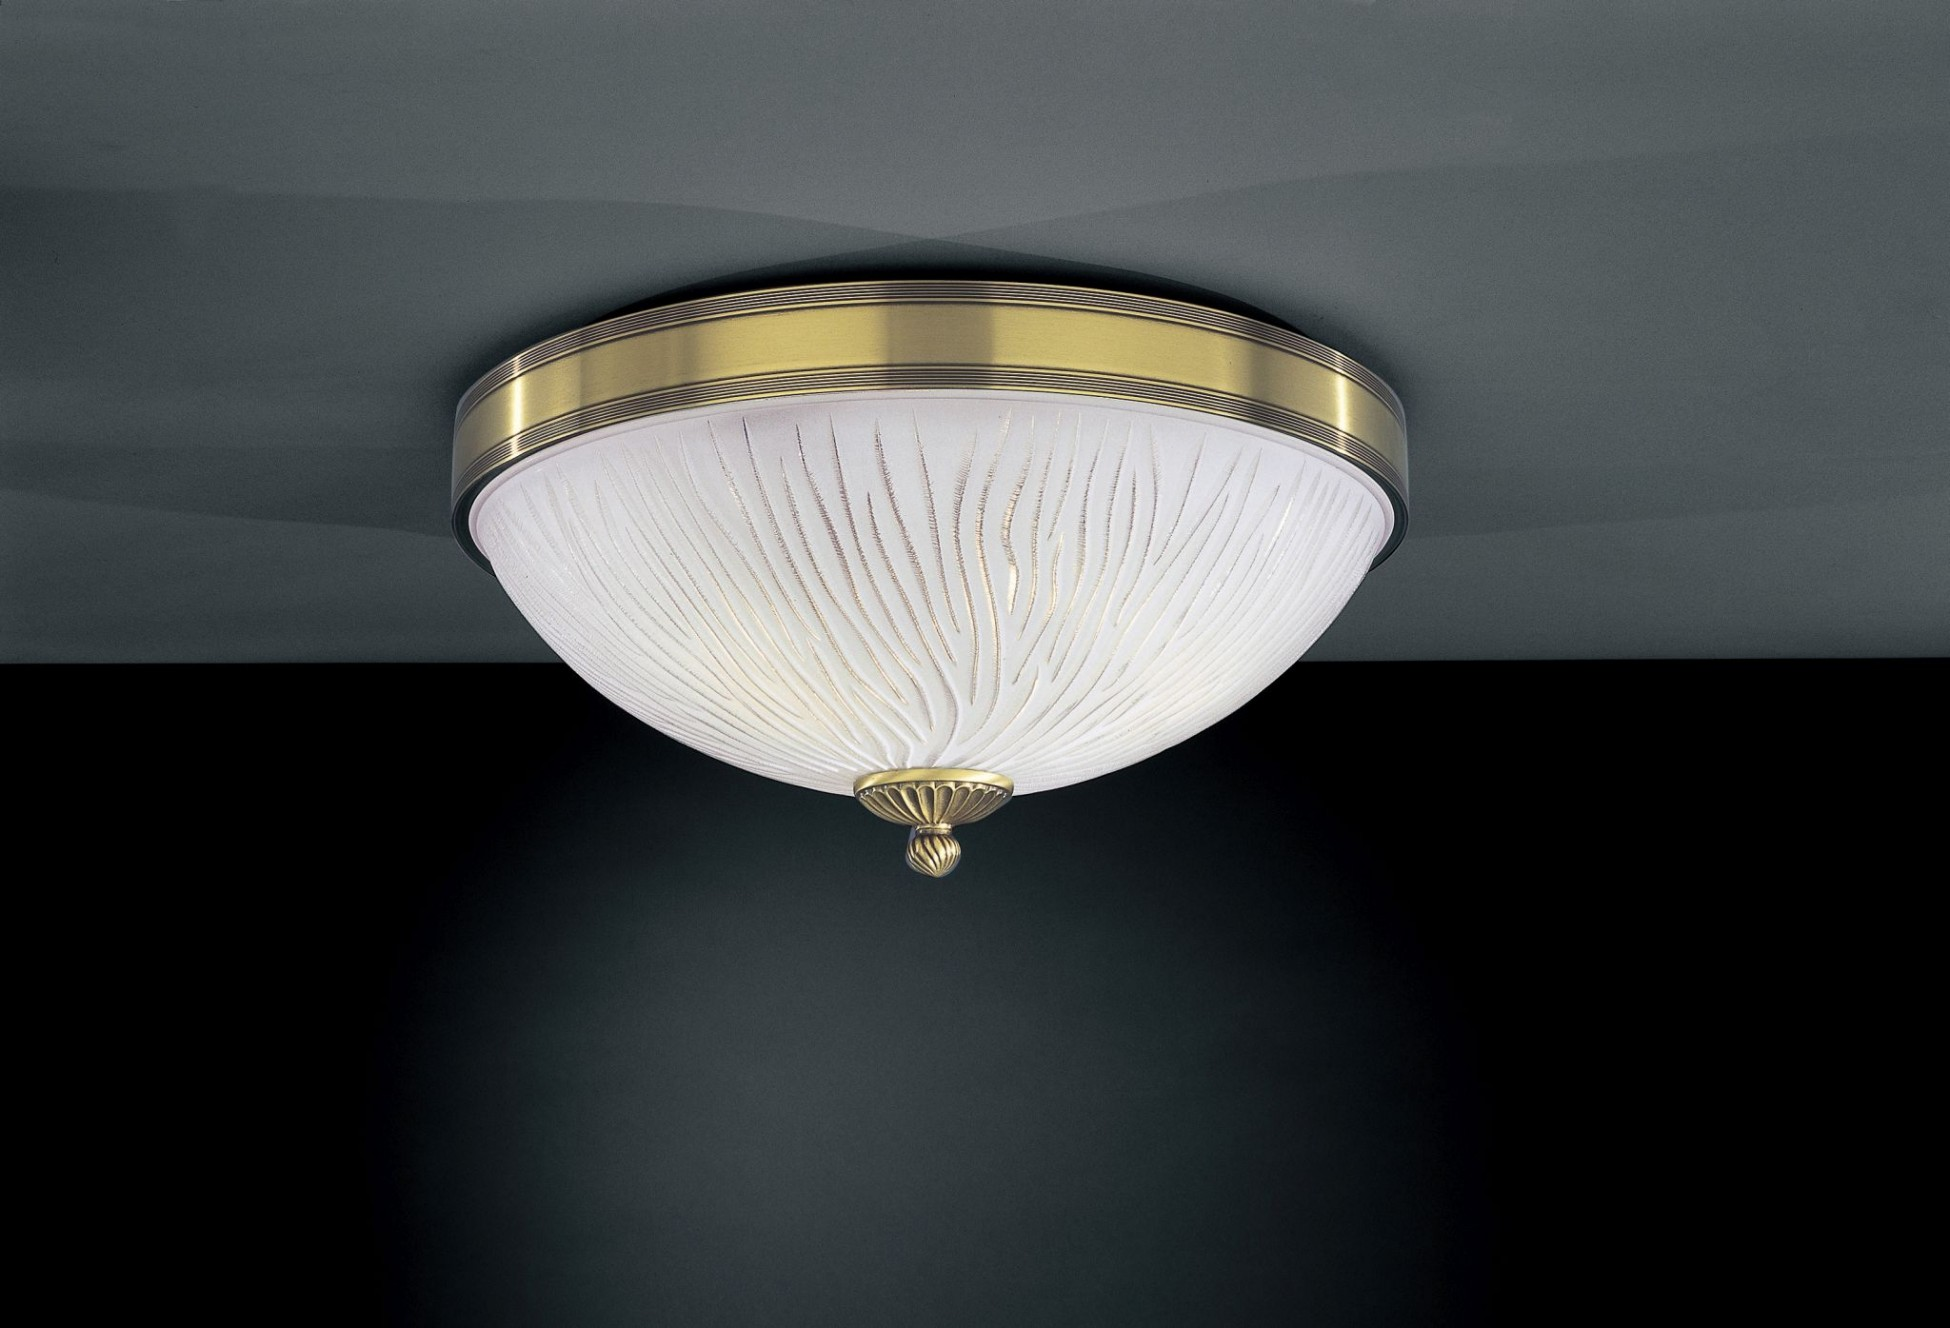 Plafoniera Ottone Vetro : Plafoniera classica in ottone e vetro bianco striato 3 luci 40 cm